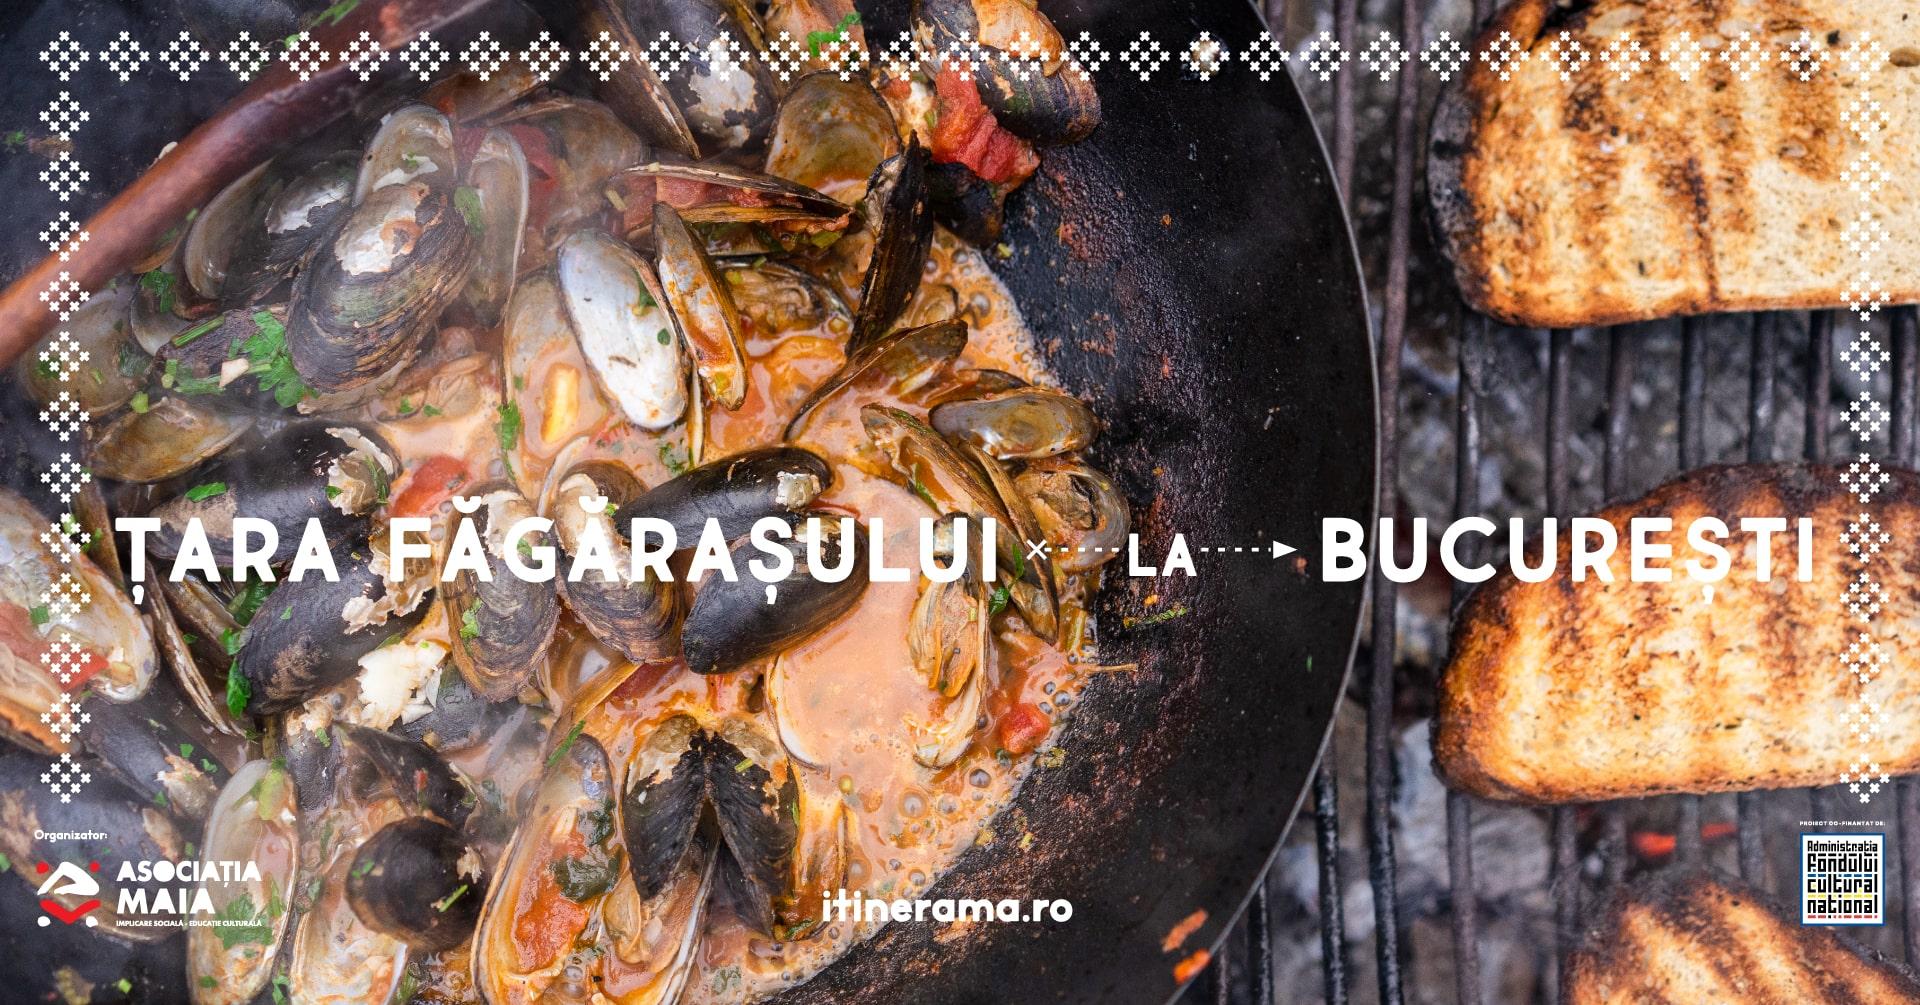 Cină cu Itinerama: Din apele Țării Făgărașului – pește, pui de baltă, crustacee